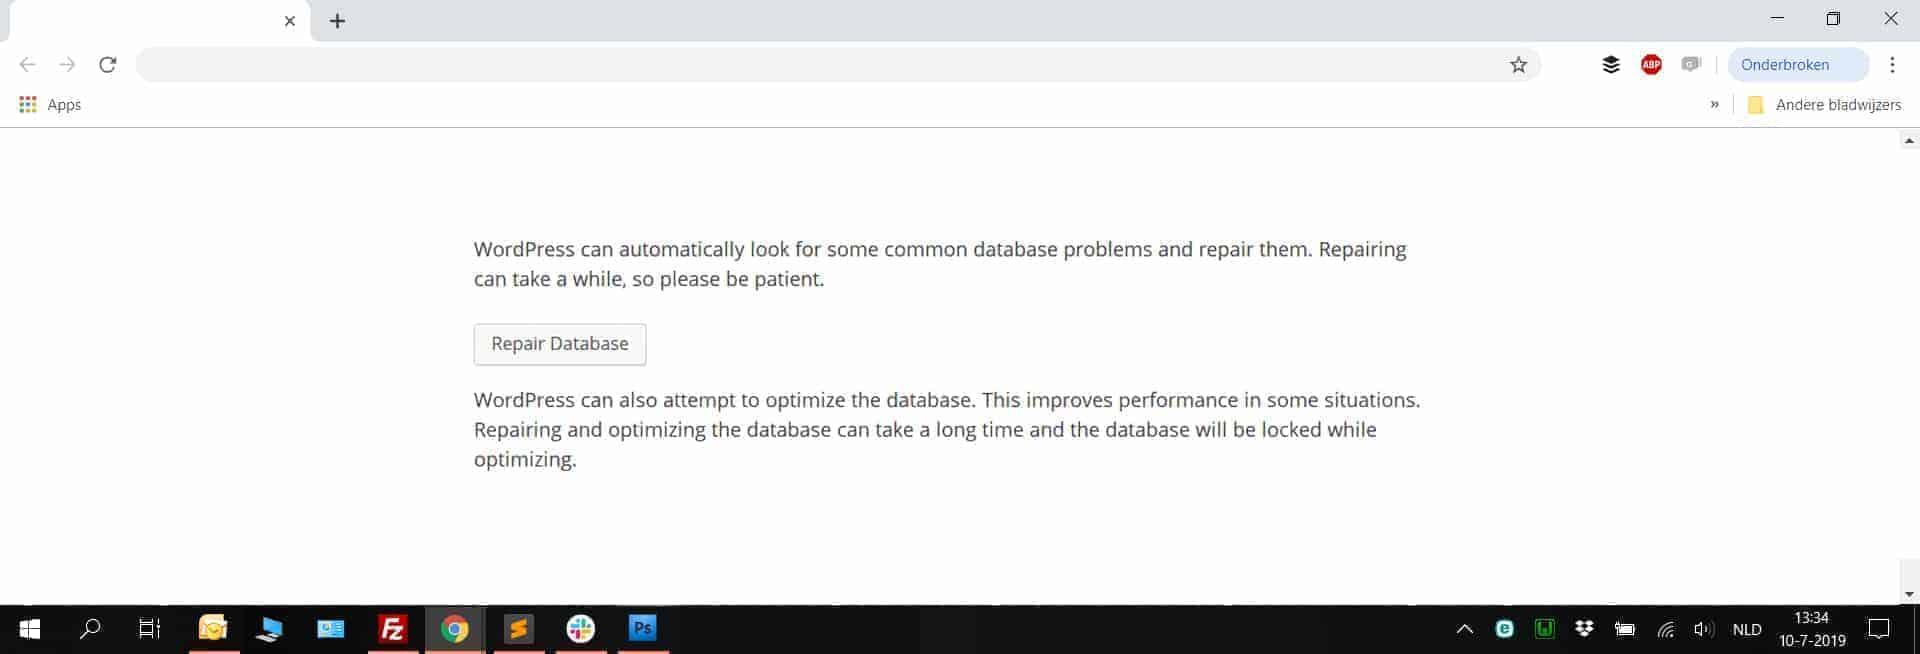 Afbeelding van de WordPress 'Repair Database' Functie